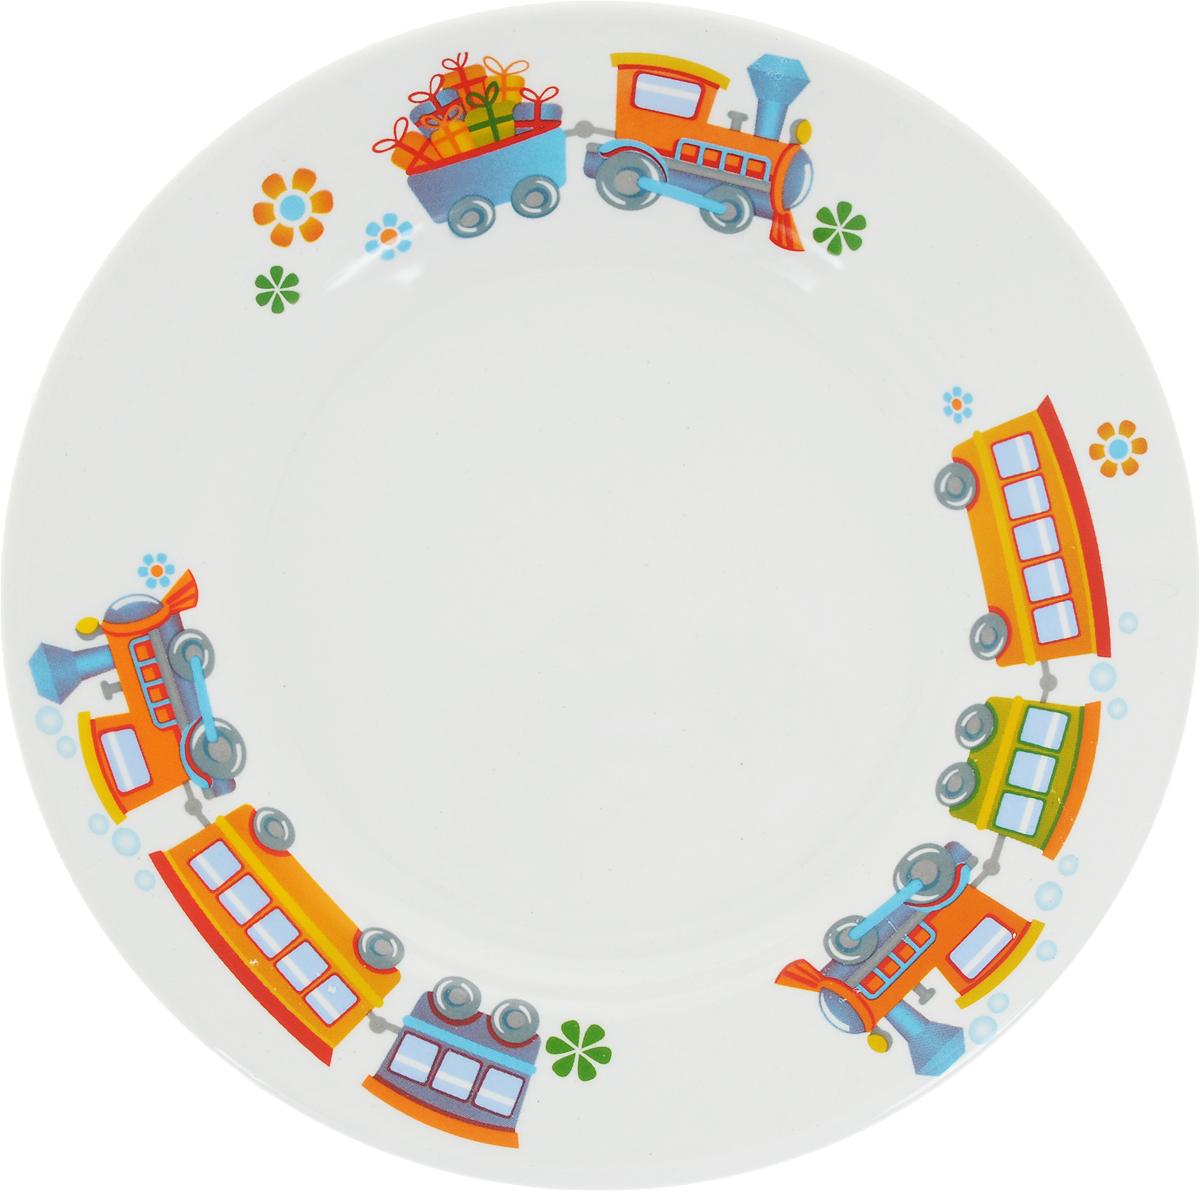 Кубаньфарфор Тарелка детская Паровозик цвет: белый1301380_белыйФаянсовая детская посуда с забавным рисунком понравится каждому малышу. Изделие из качественного материала станет правильным выбором для повседневной эксплуатации и поможет превратить каждый прием пищи в радостное приключение.Особенности:- простота мойки,- стойкость к запахам,- насыщенный цвет.